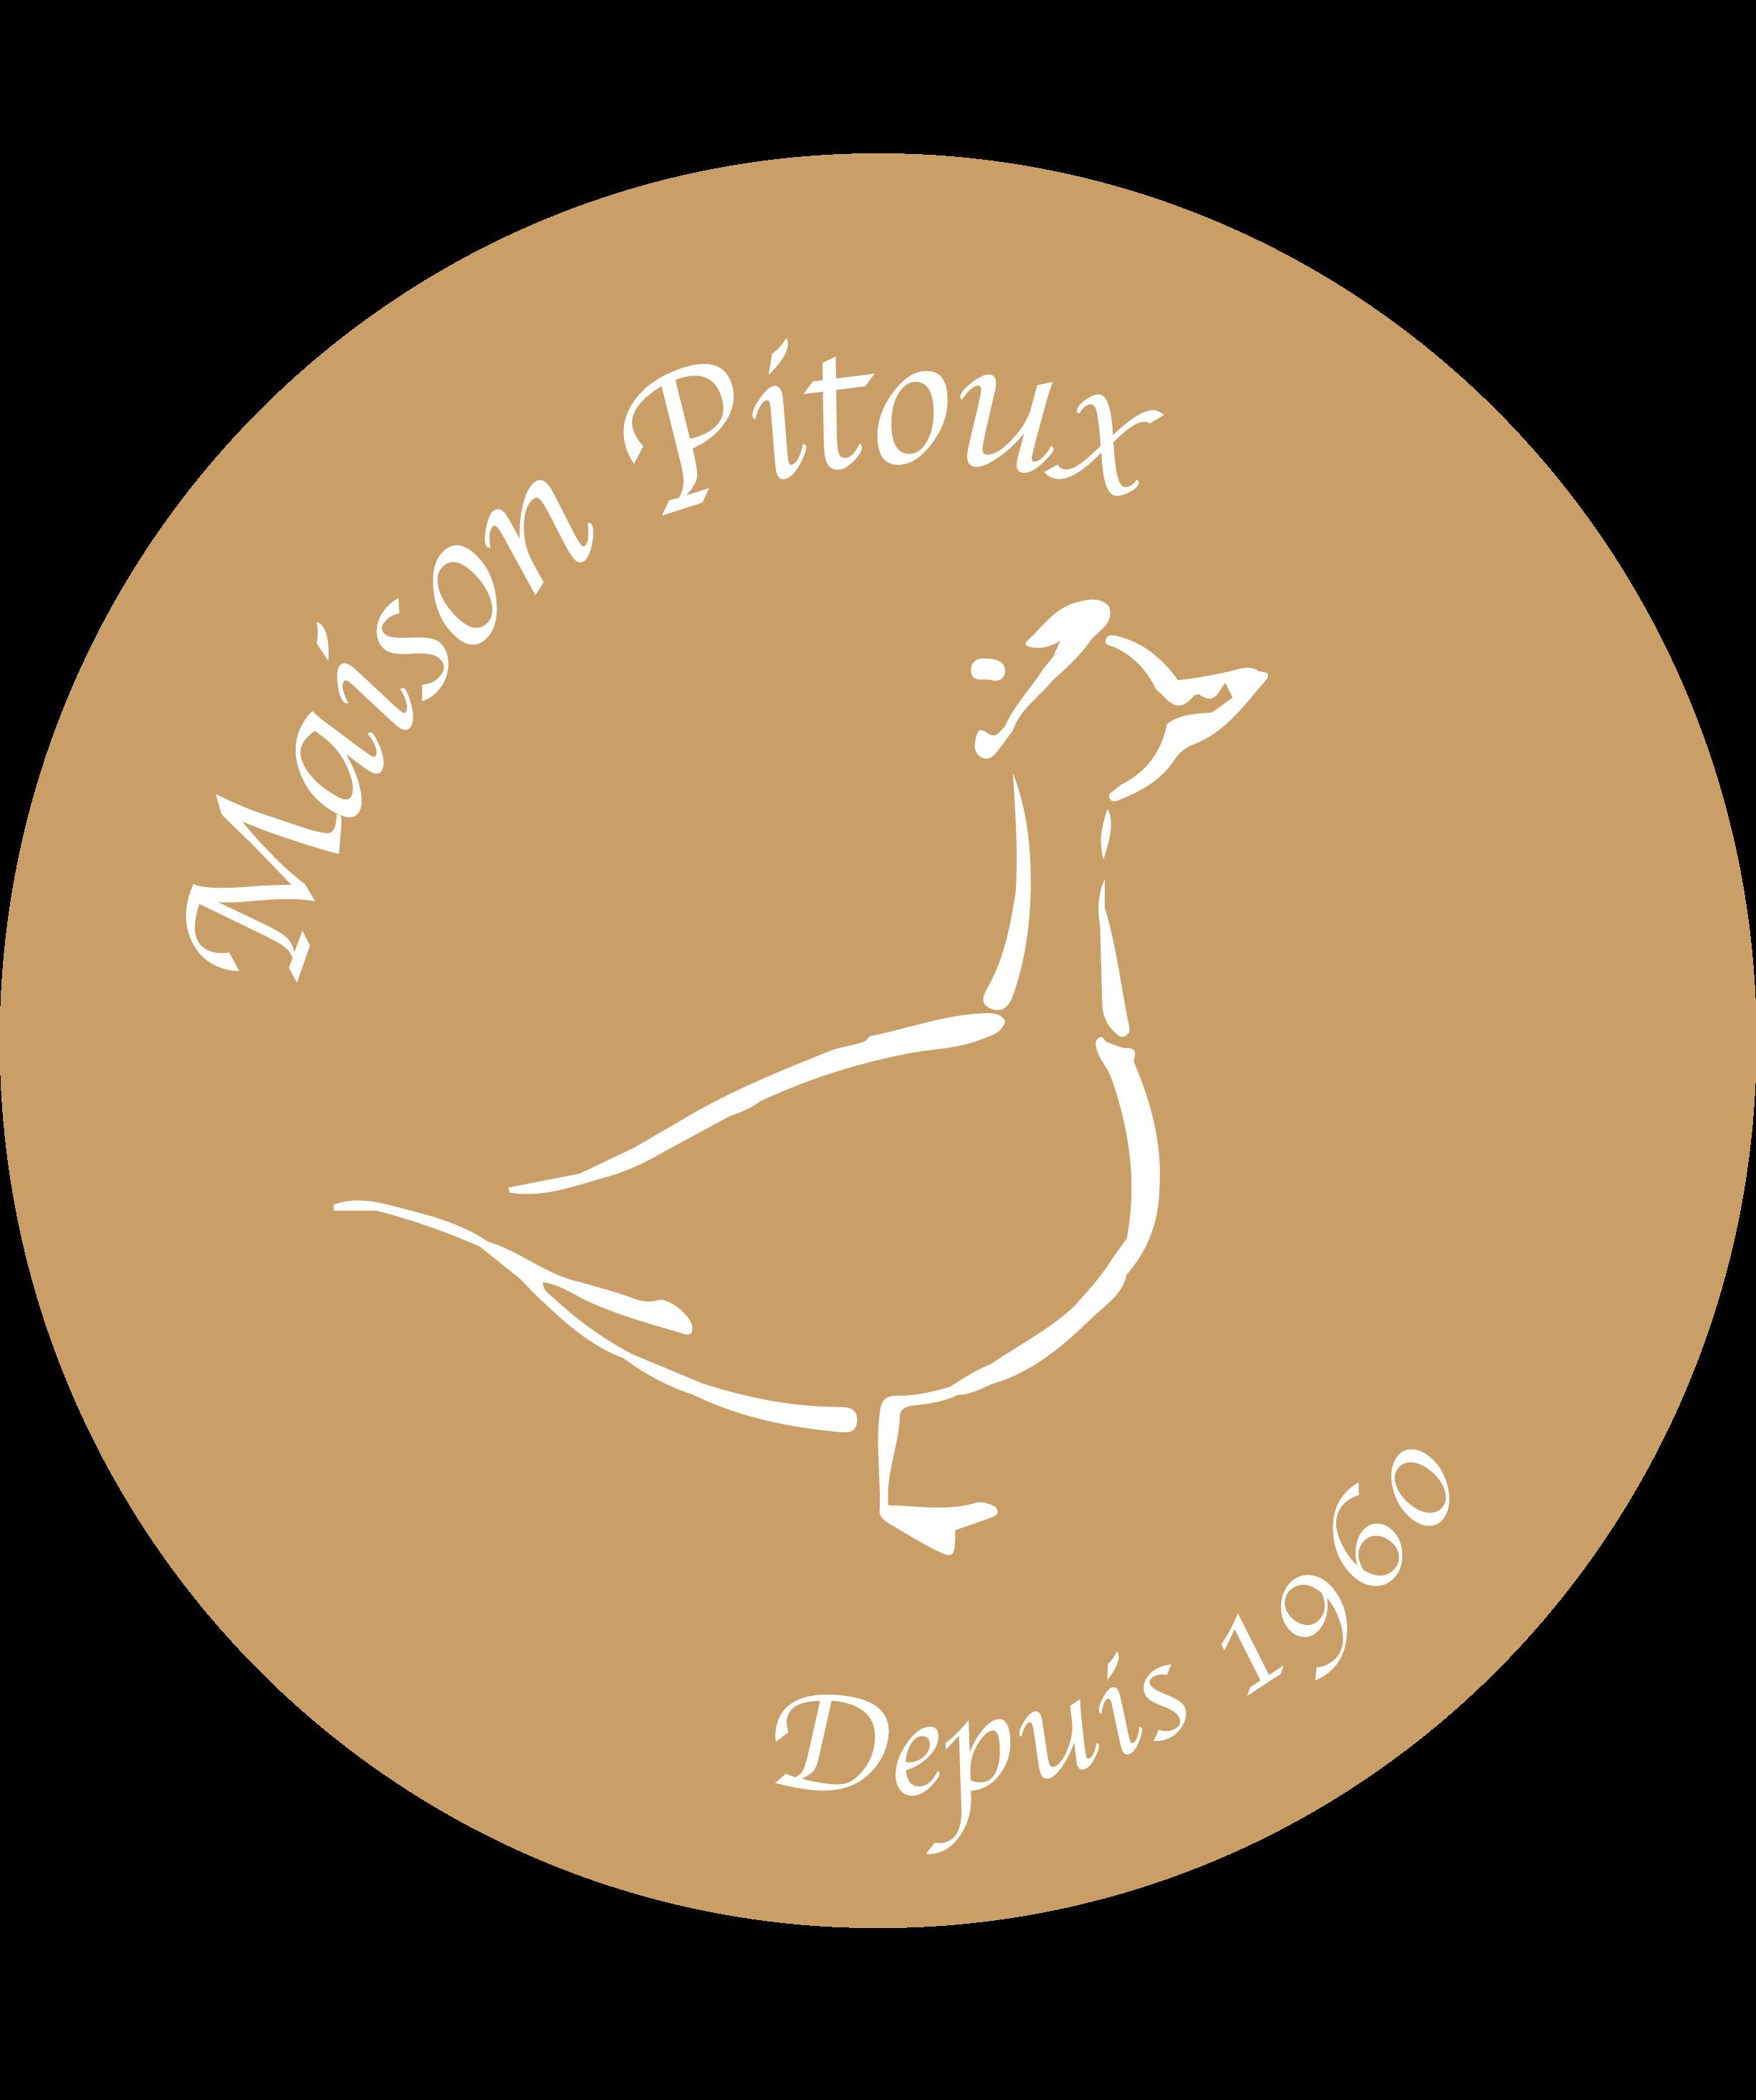 Maison Pitoux